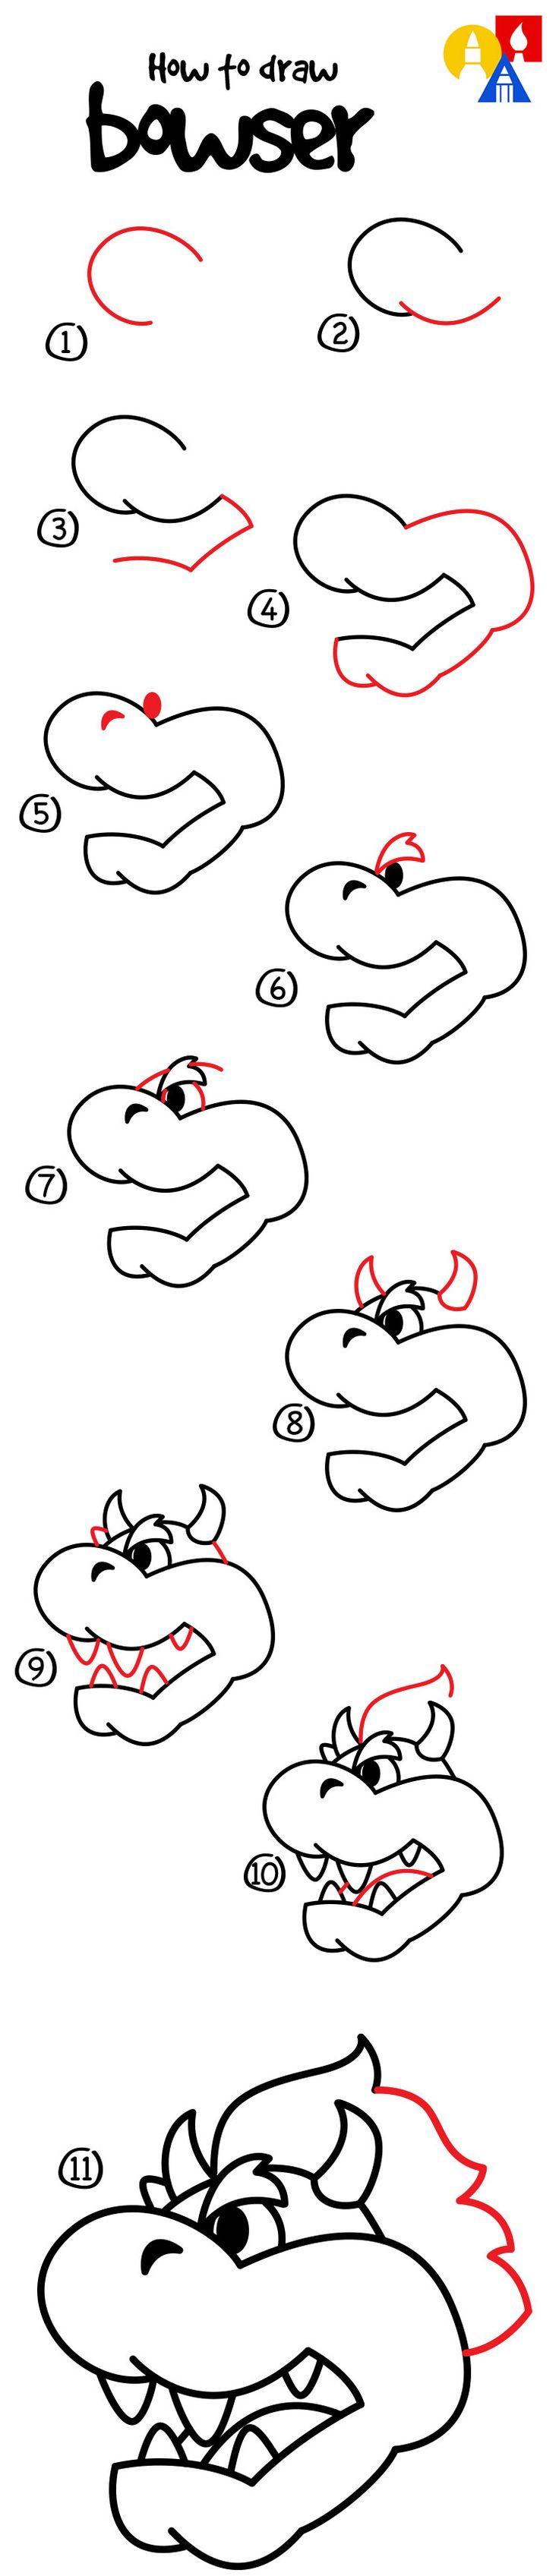 17 Terbaik Ide Tentang Kartun Di Pinterest Gravity Falls Dan